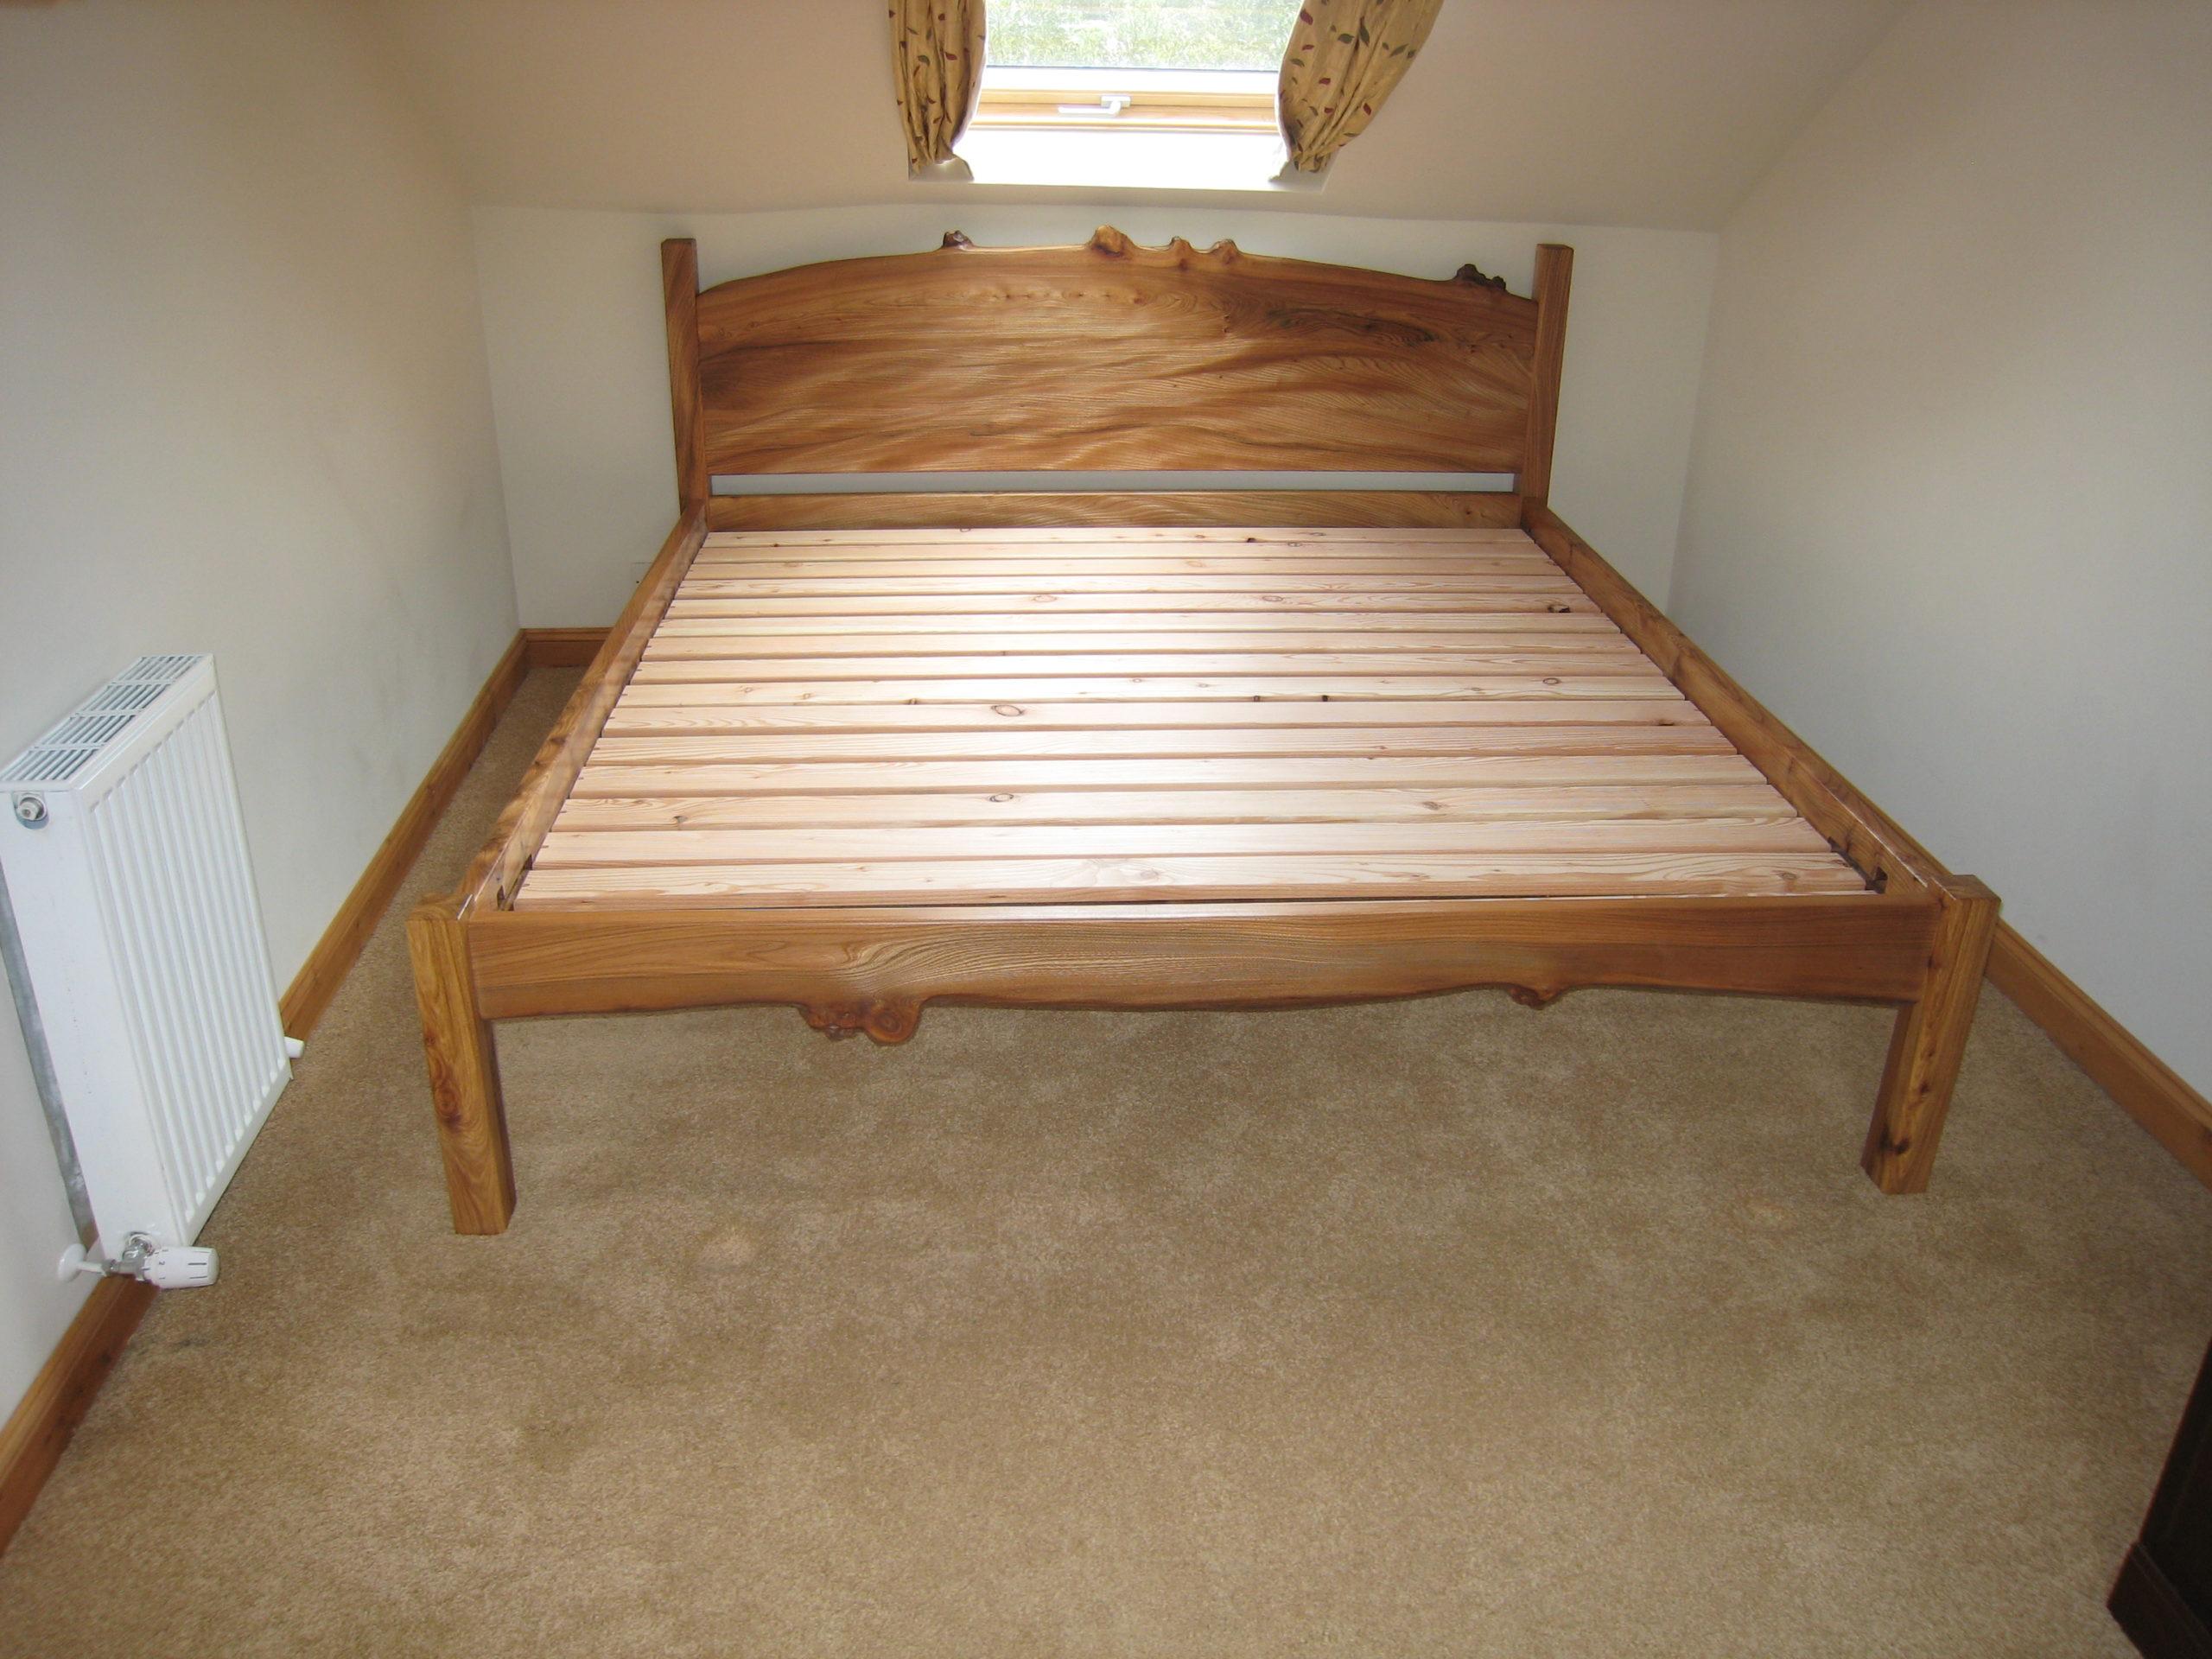 Elm super-king-sized bed